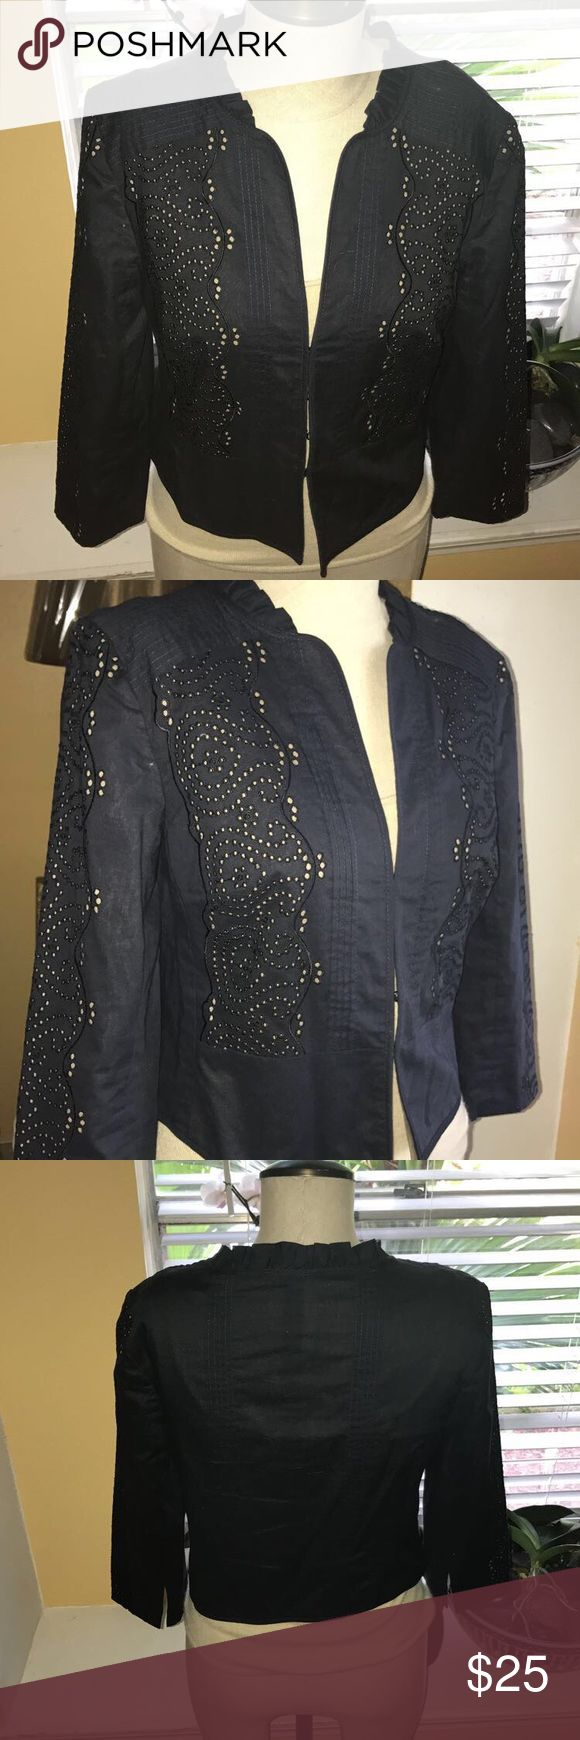 Ann Taylor Loft short navy/kaki blue blazer vest Ann Taylor short navy blue/kaki blazer interior size 2 Ann Taylor Jackets & Coats Blazers